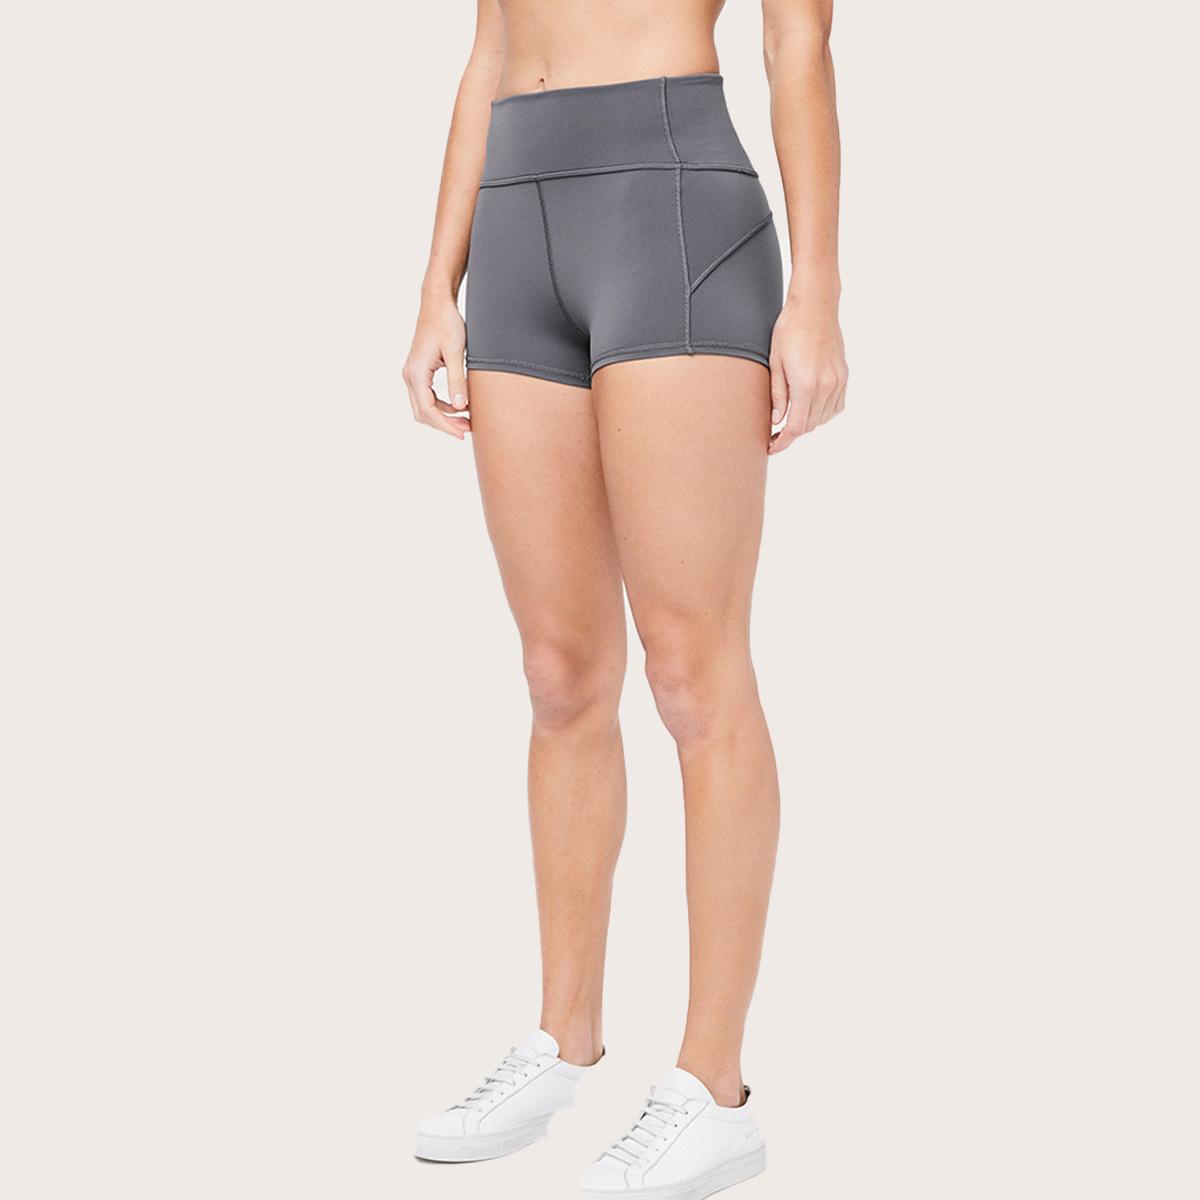 Lululemon露露檸檬 夏季爆款 雙面裸感女士瑜伽短褲 跑步運動健身訓練提臀瑜伽褲